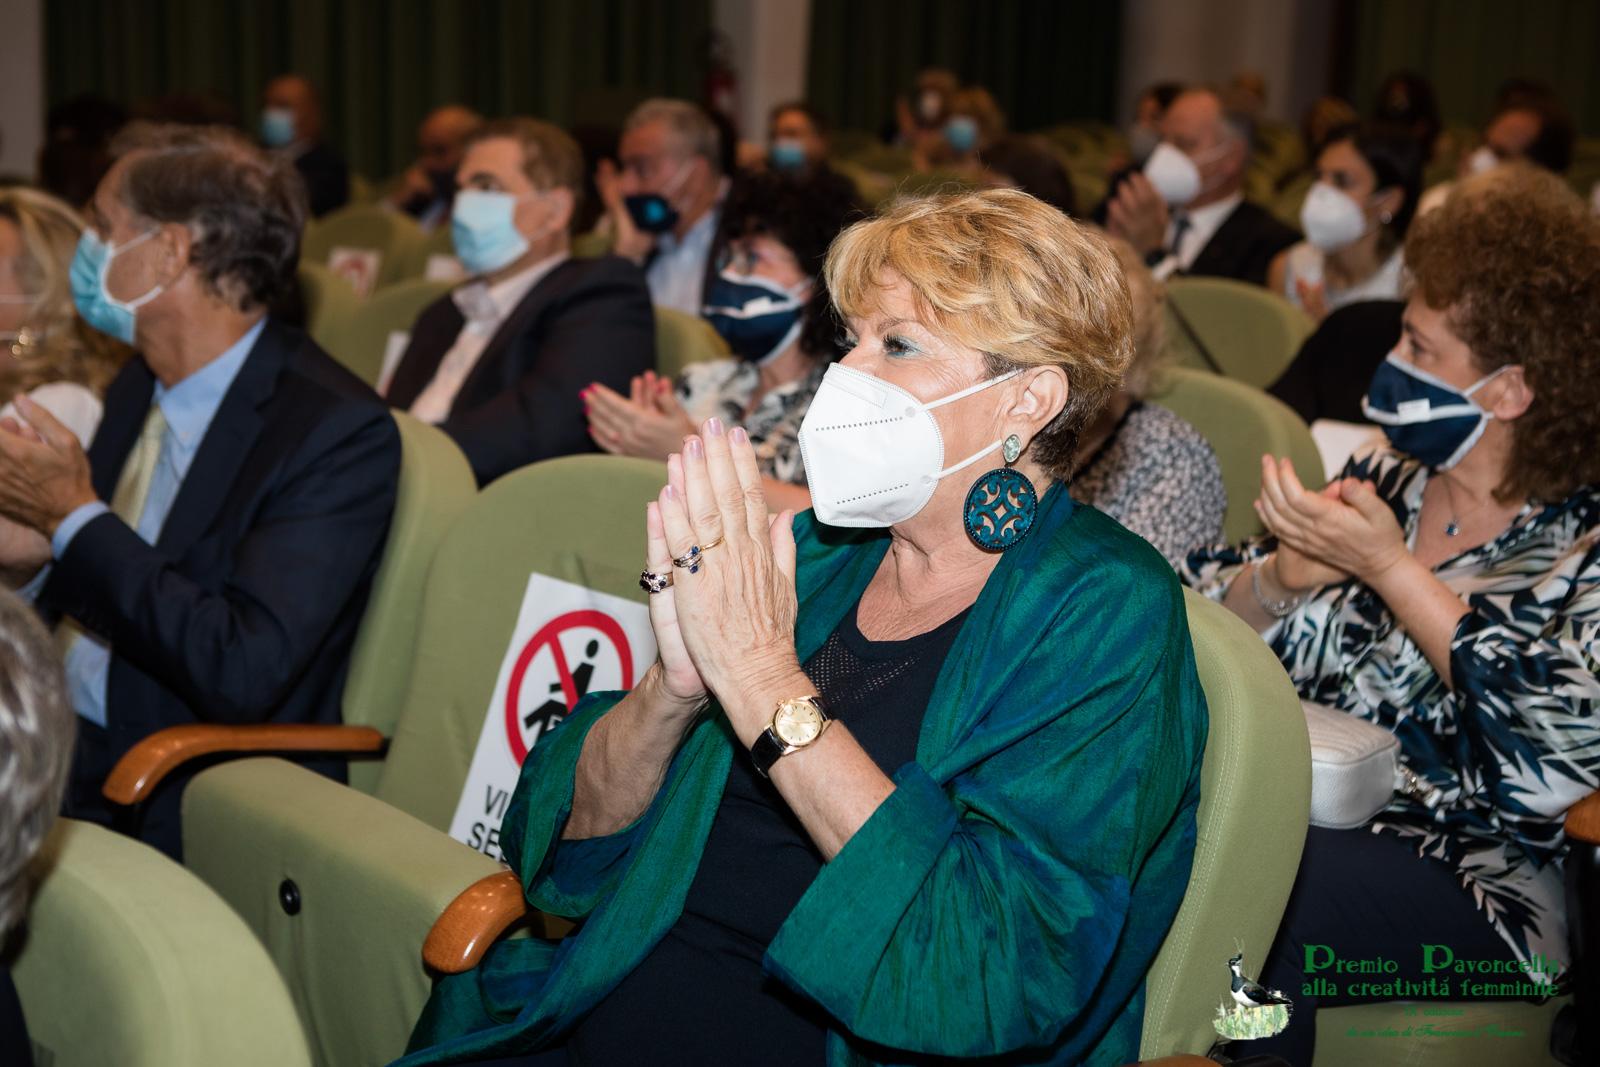 Francesca d'Oriano, presidente del Premio Pavoncella